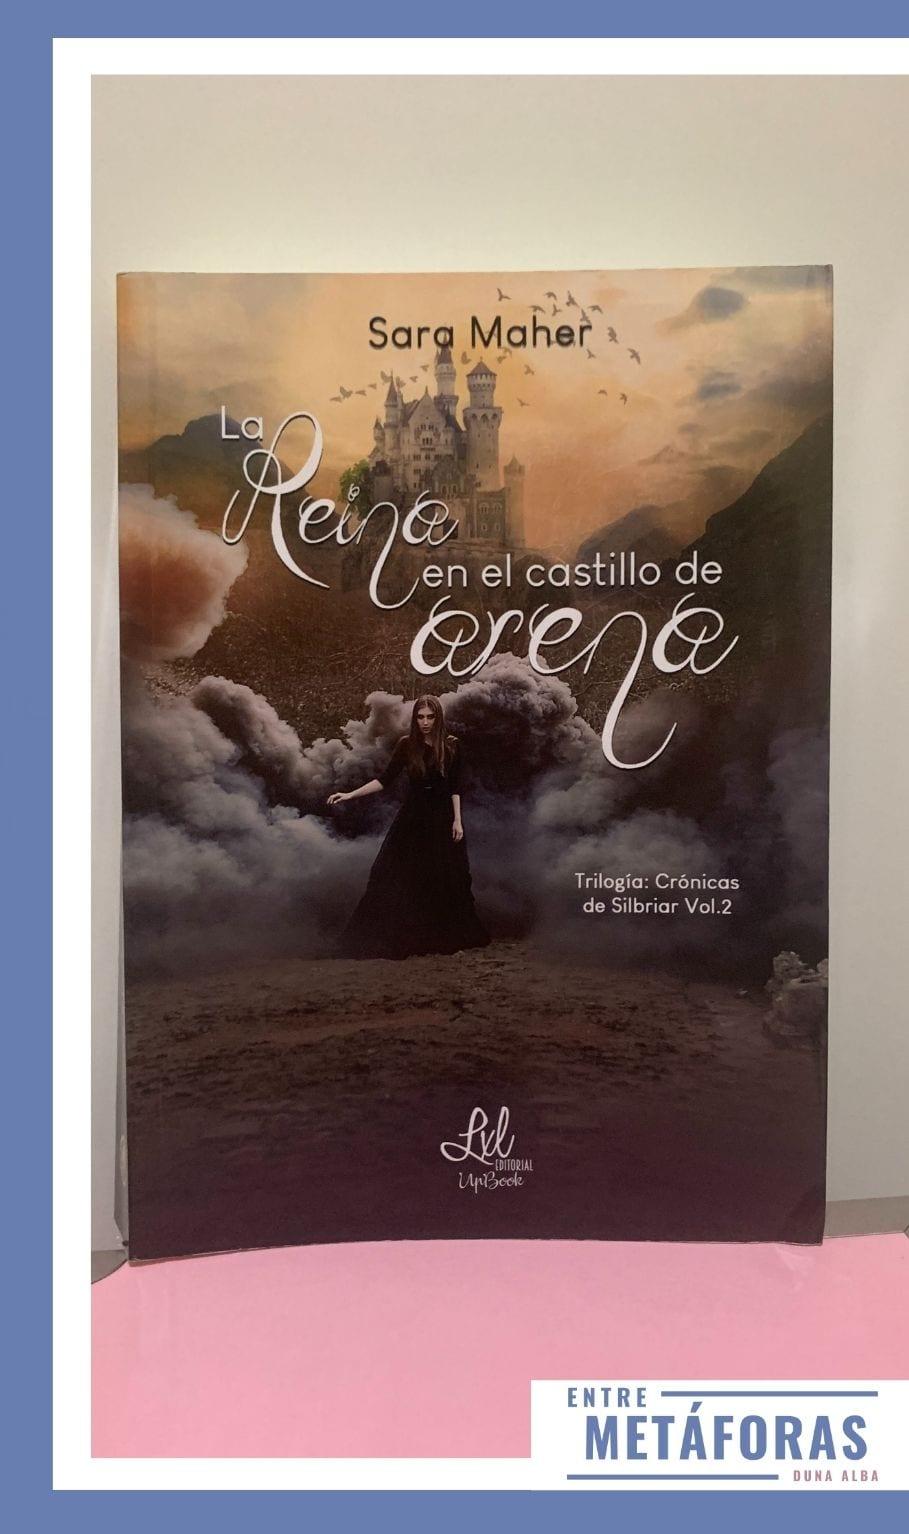 La reina en el castillo de arena, de Sara Maher - Reseña